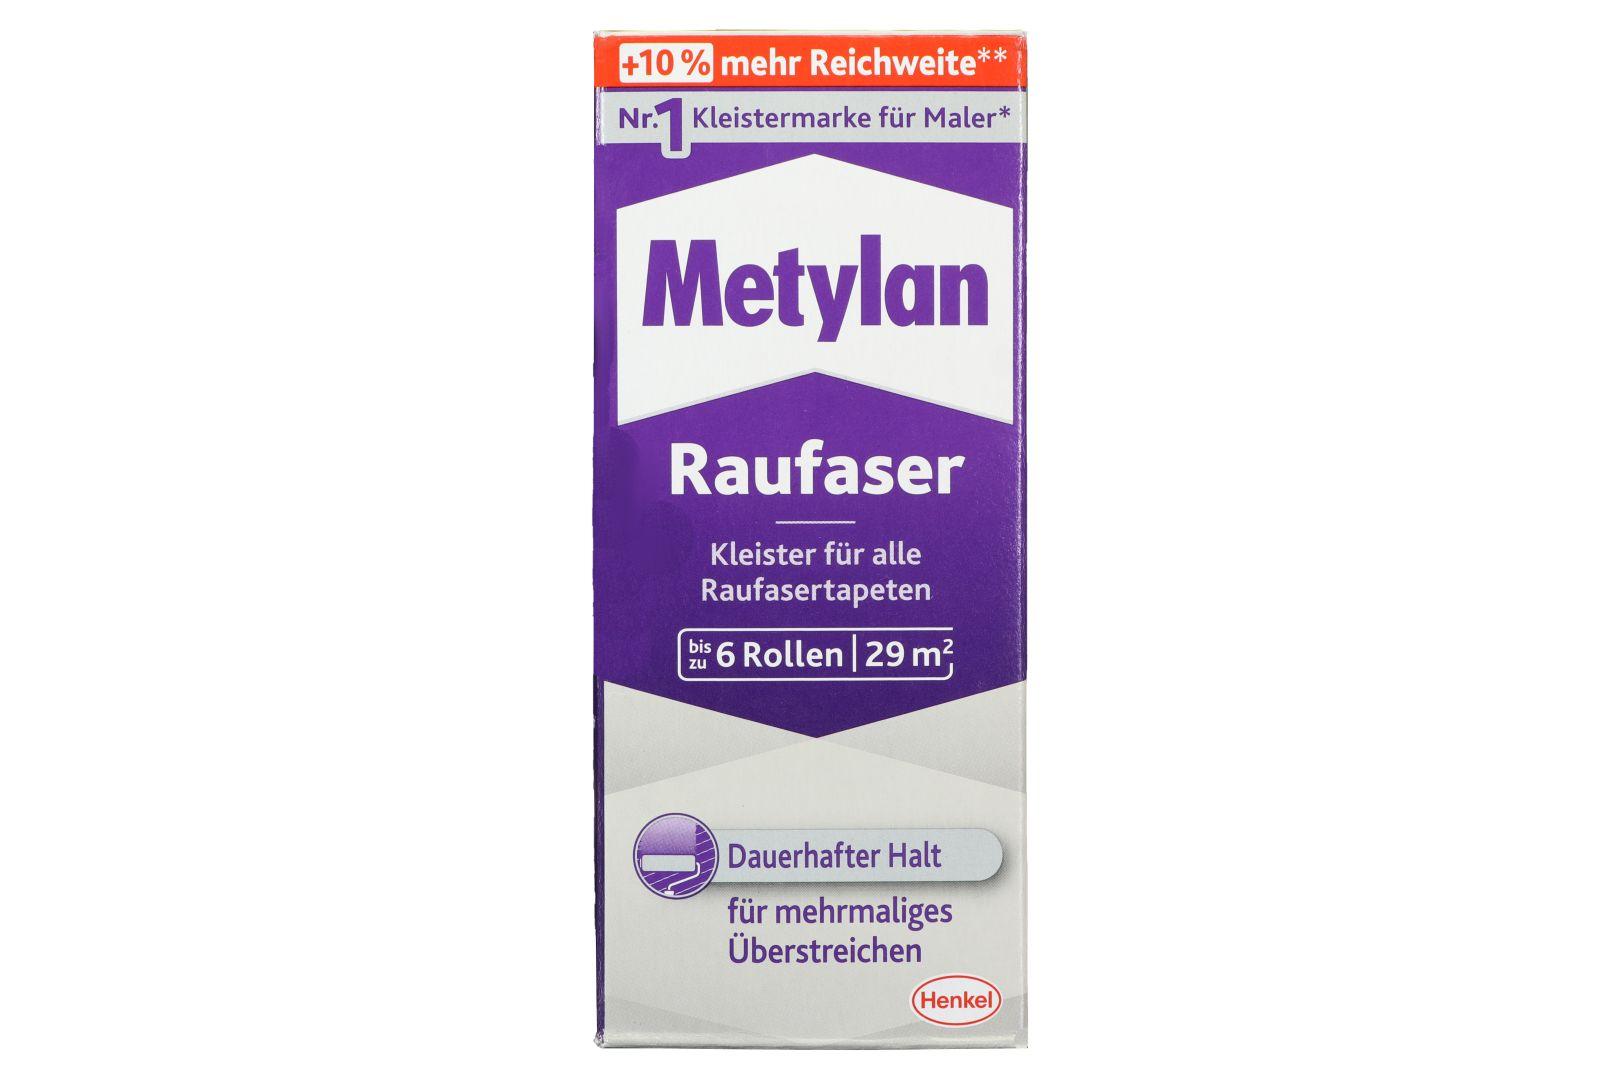 Metylan Raufaser, Kleister für Raufaser- und Raufaservliestapeten, 180 g